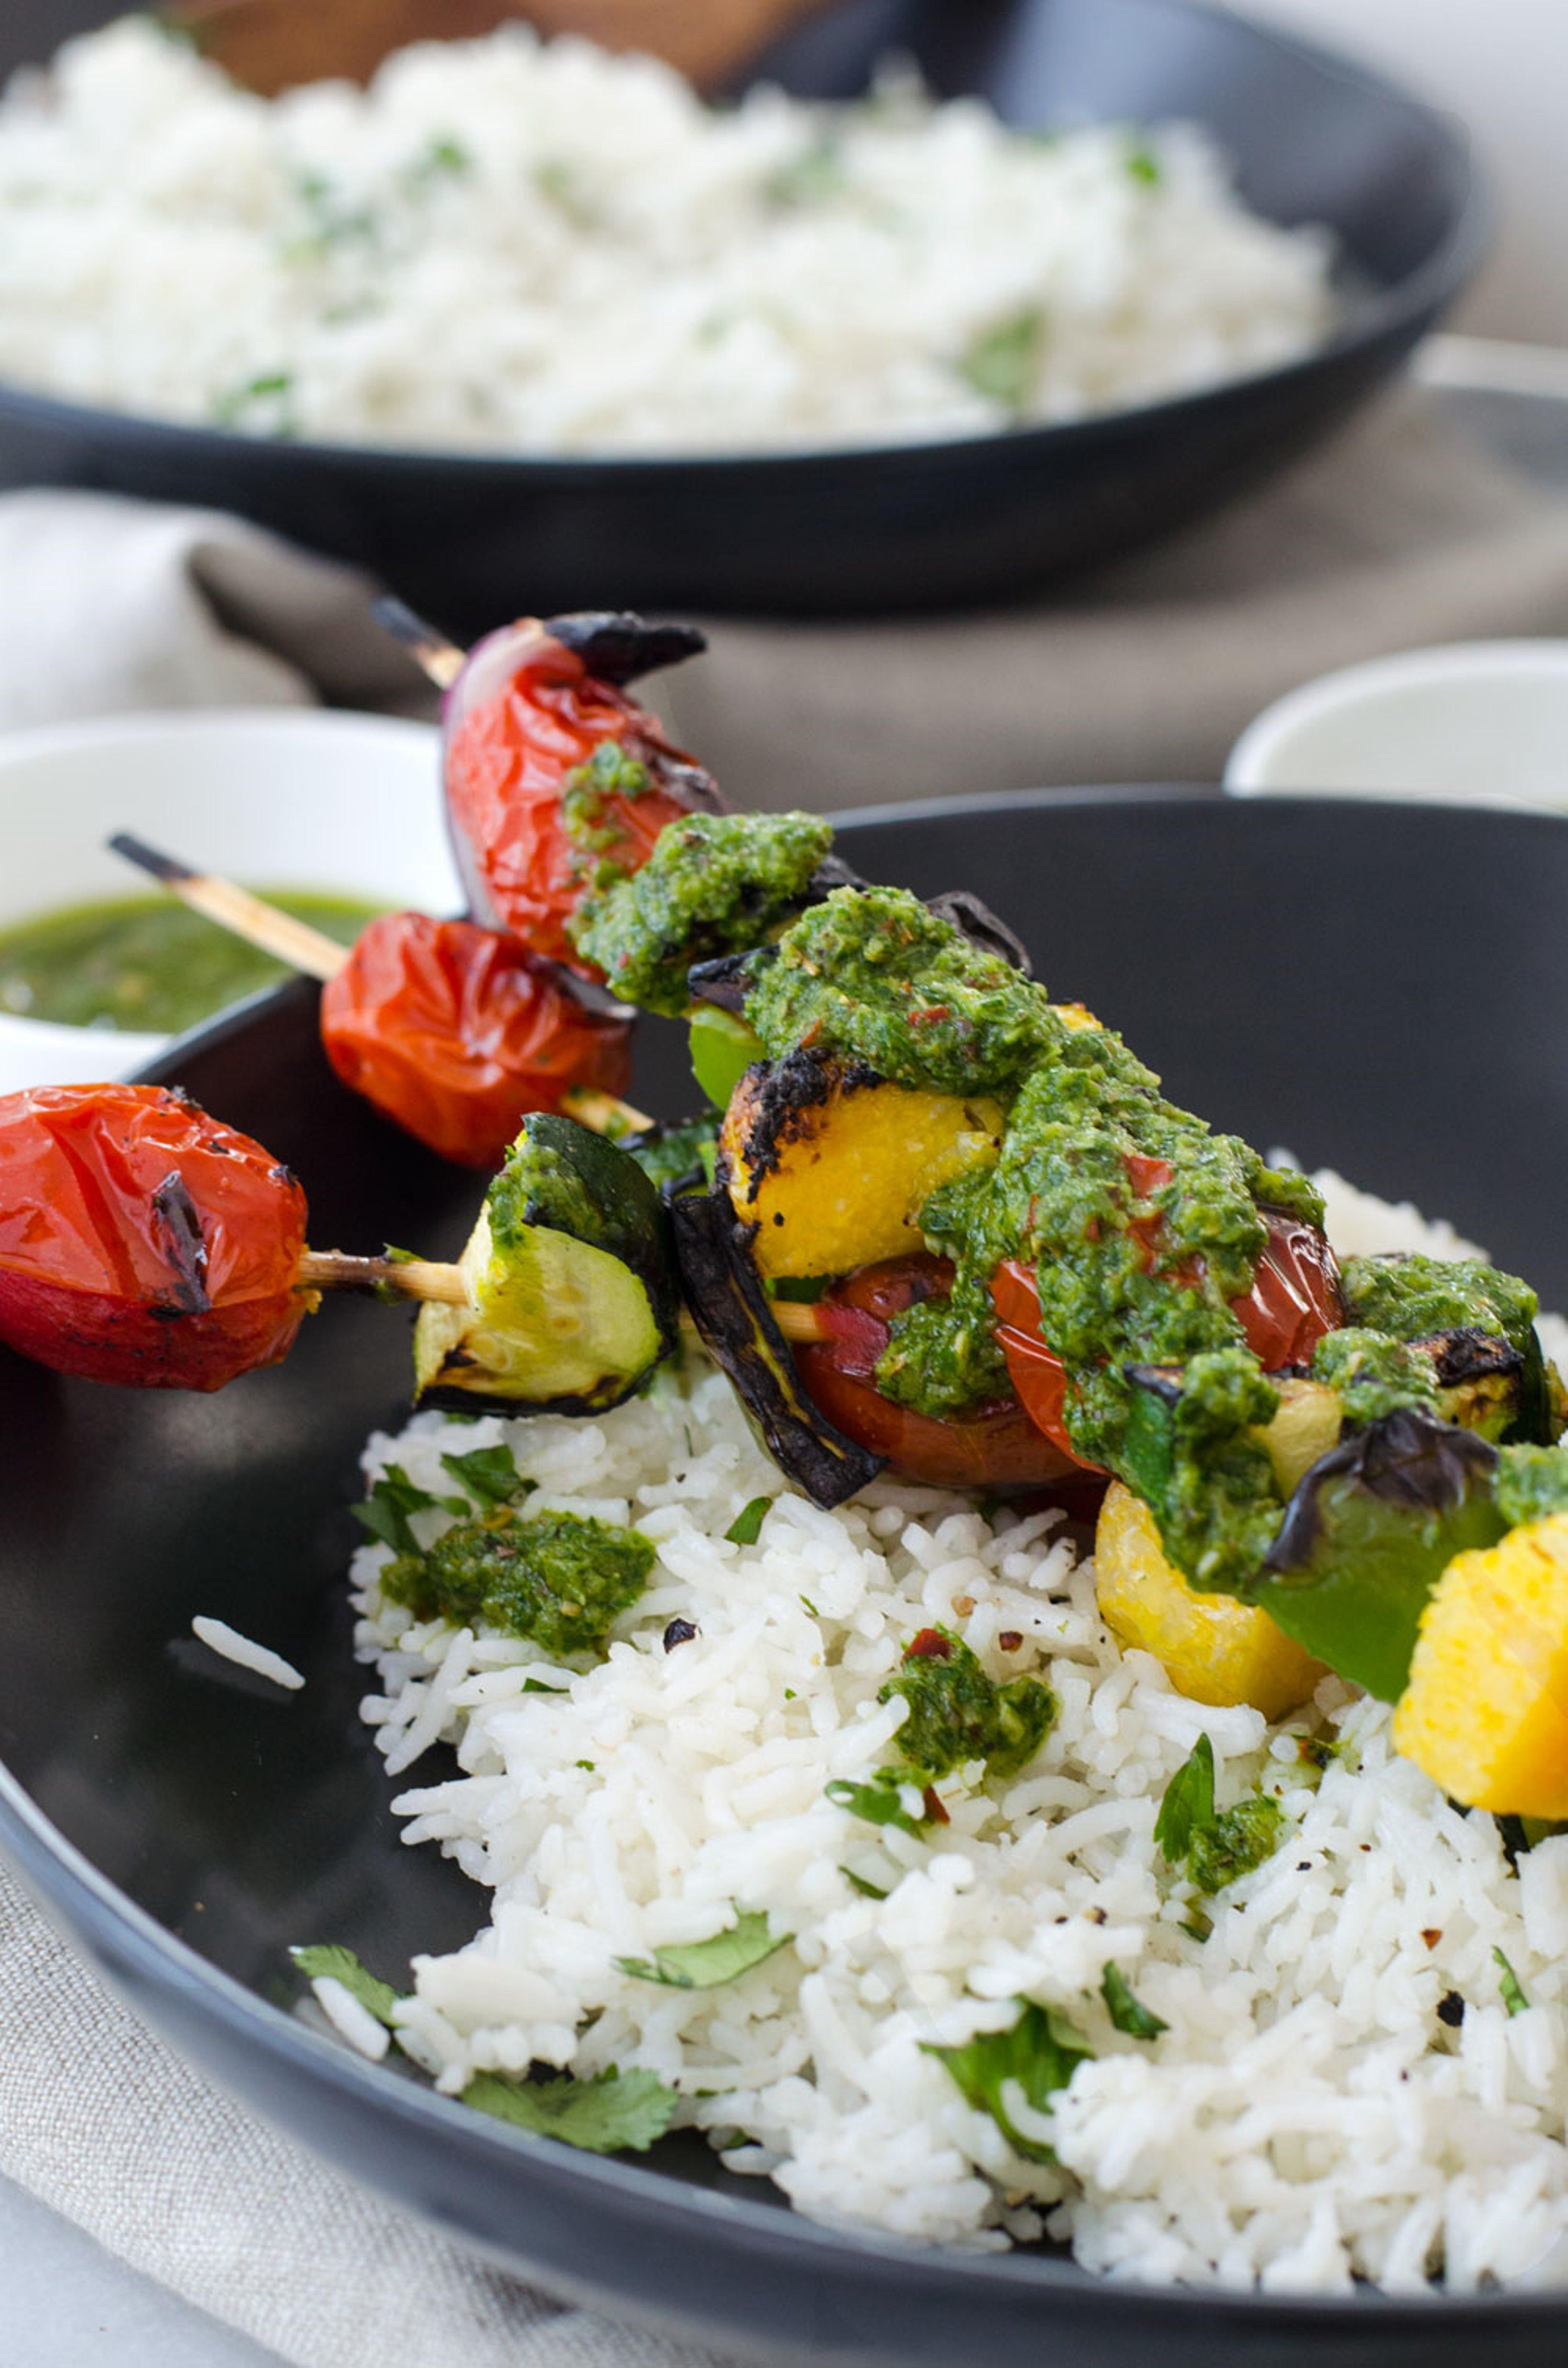 herb-rice-with-vegetable-skewers